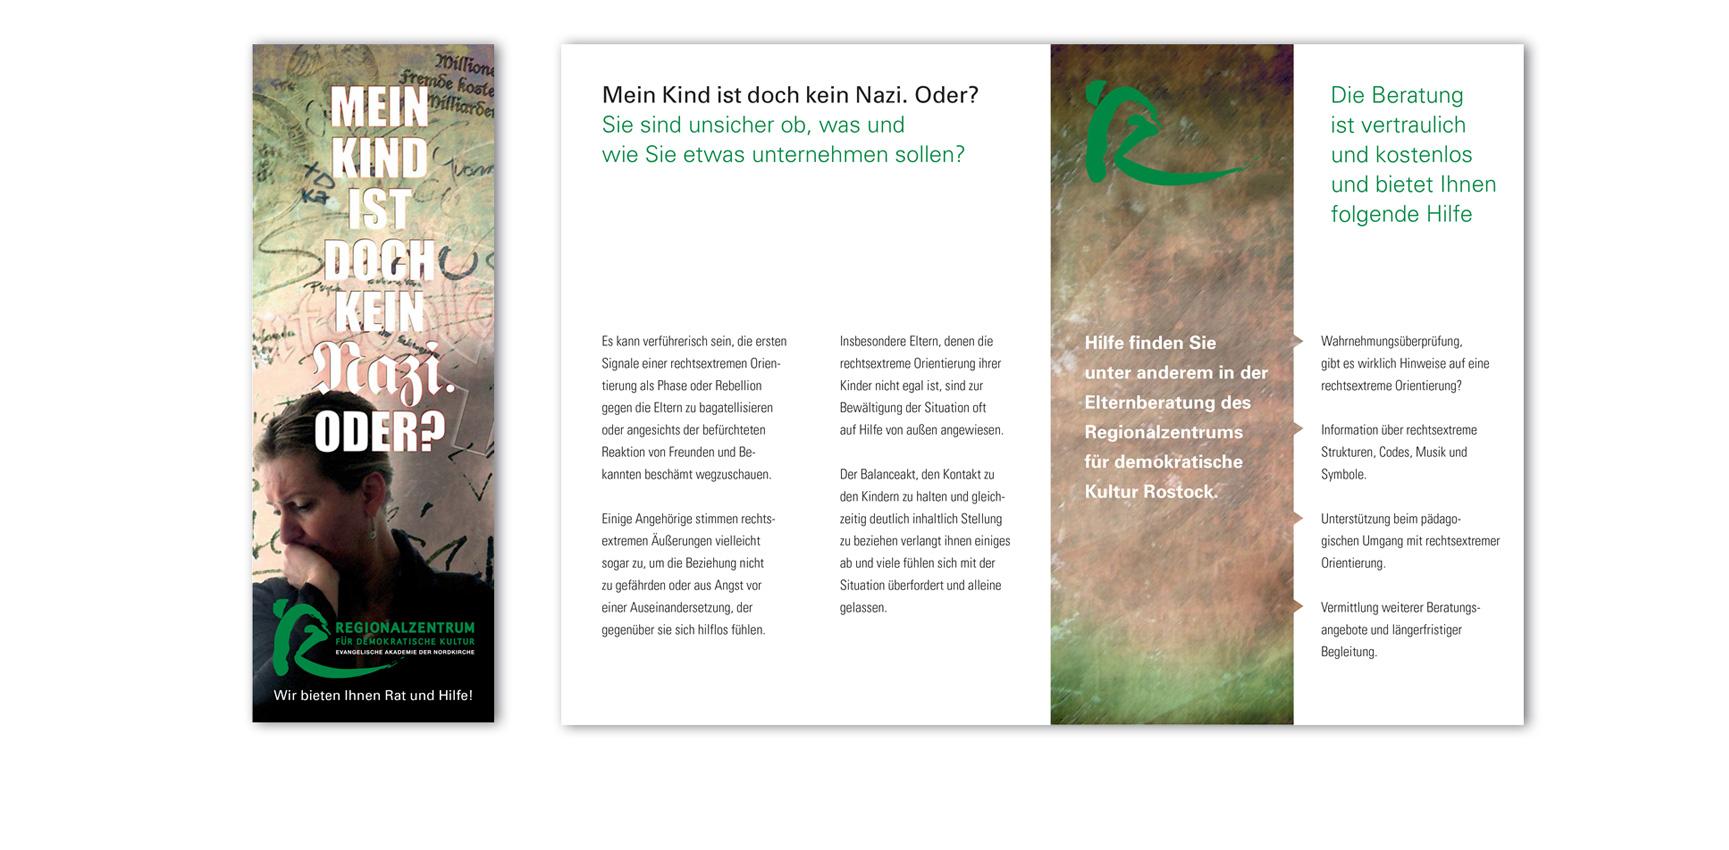 Elternberatung zum Thema Nationalismus, Rassismus und andere Formen der Abwertung und Ausgrenzung | Faltblatt